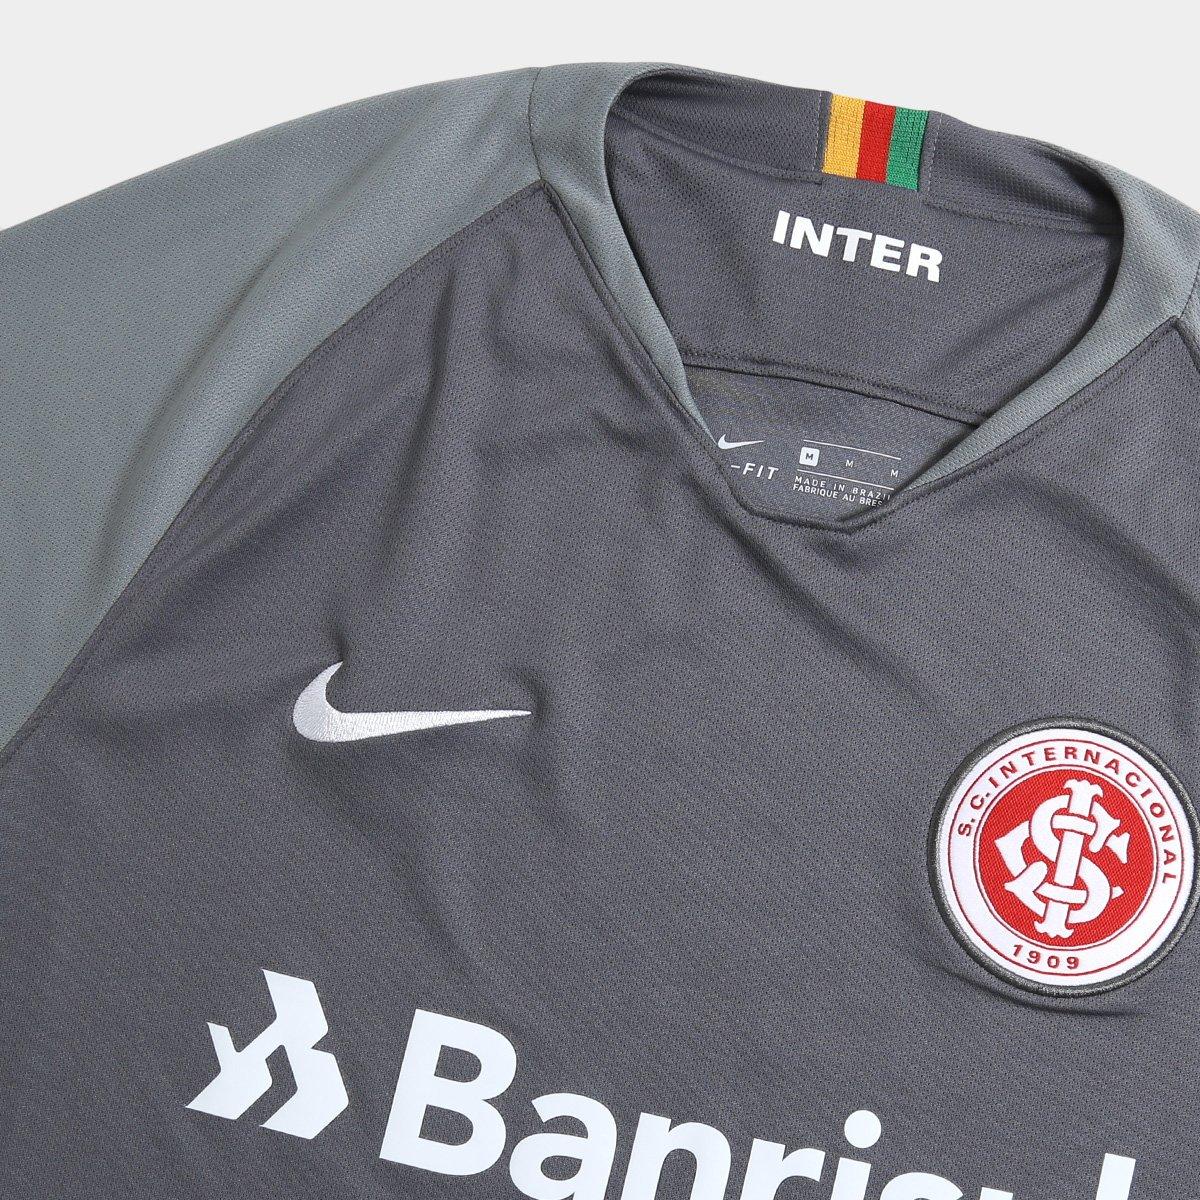 Camisa Internacional III 2018 s n° - Torcedor Nike Masculina - Cinza ... bd3737f108a25